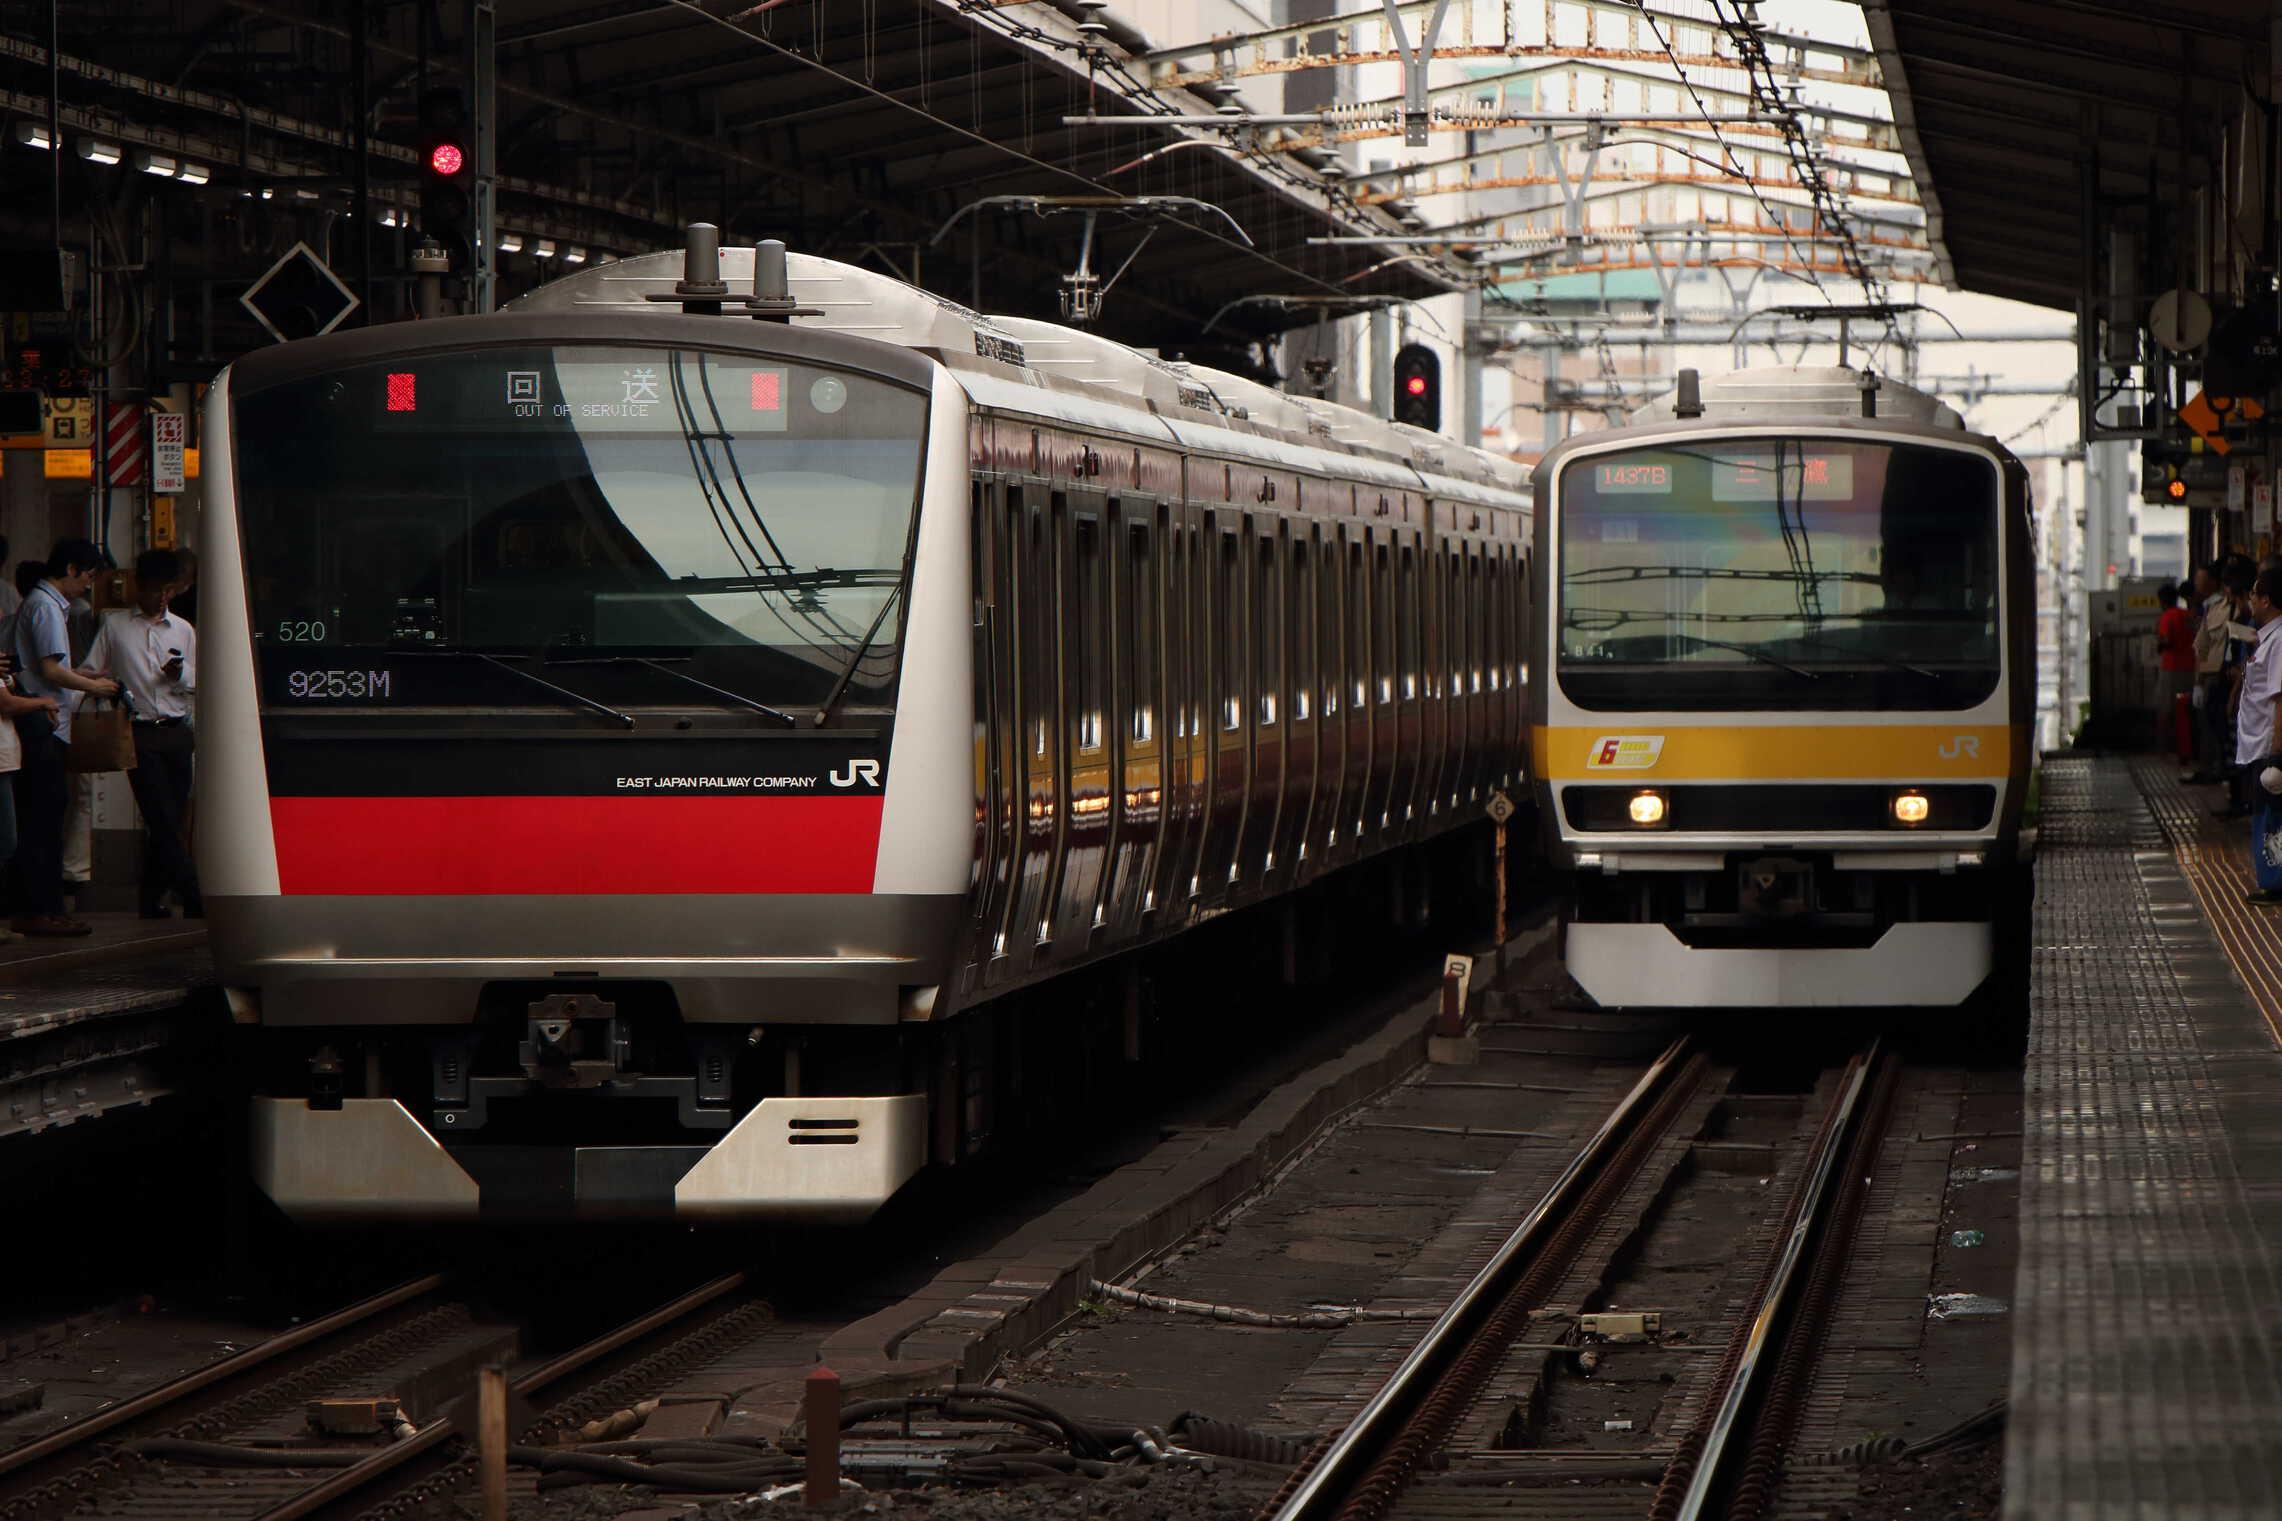 回9253M NN出場回送 E233系 千ケヨY520編成